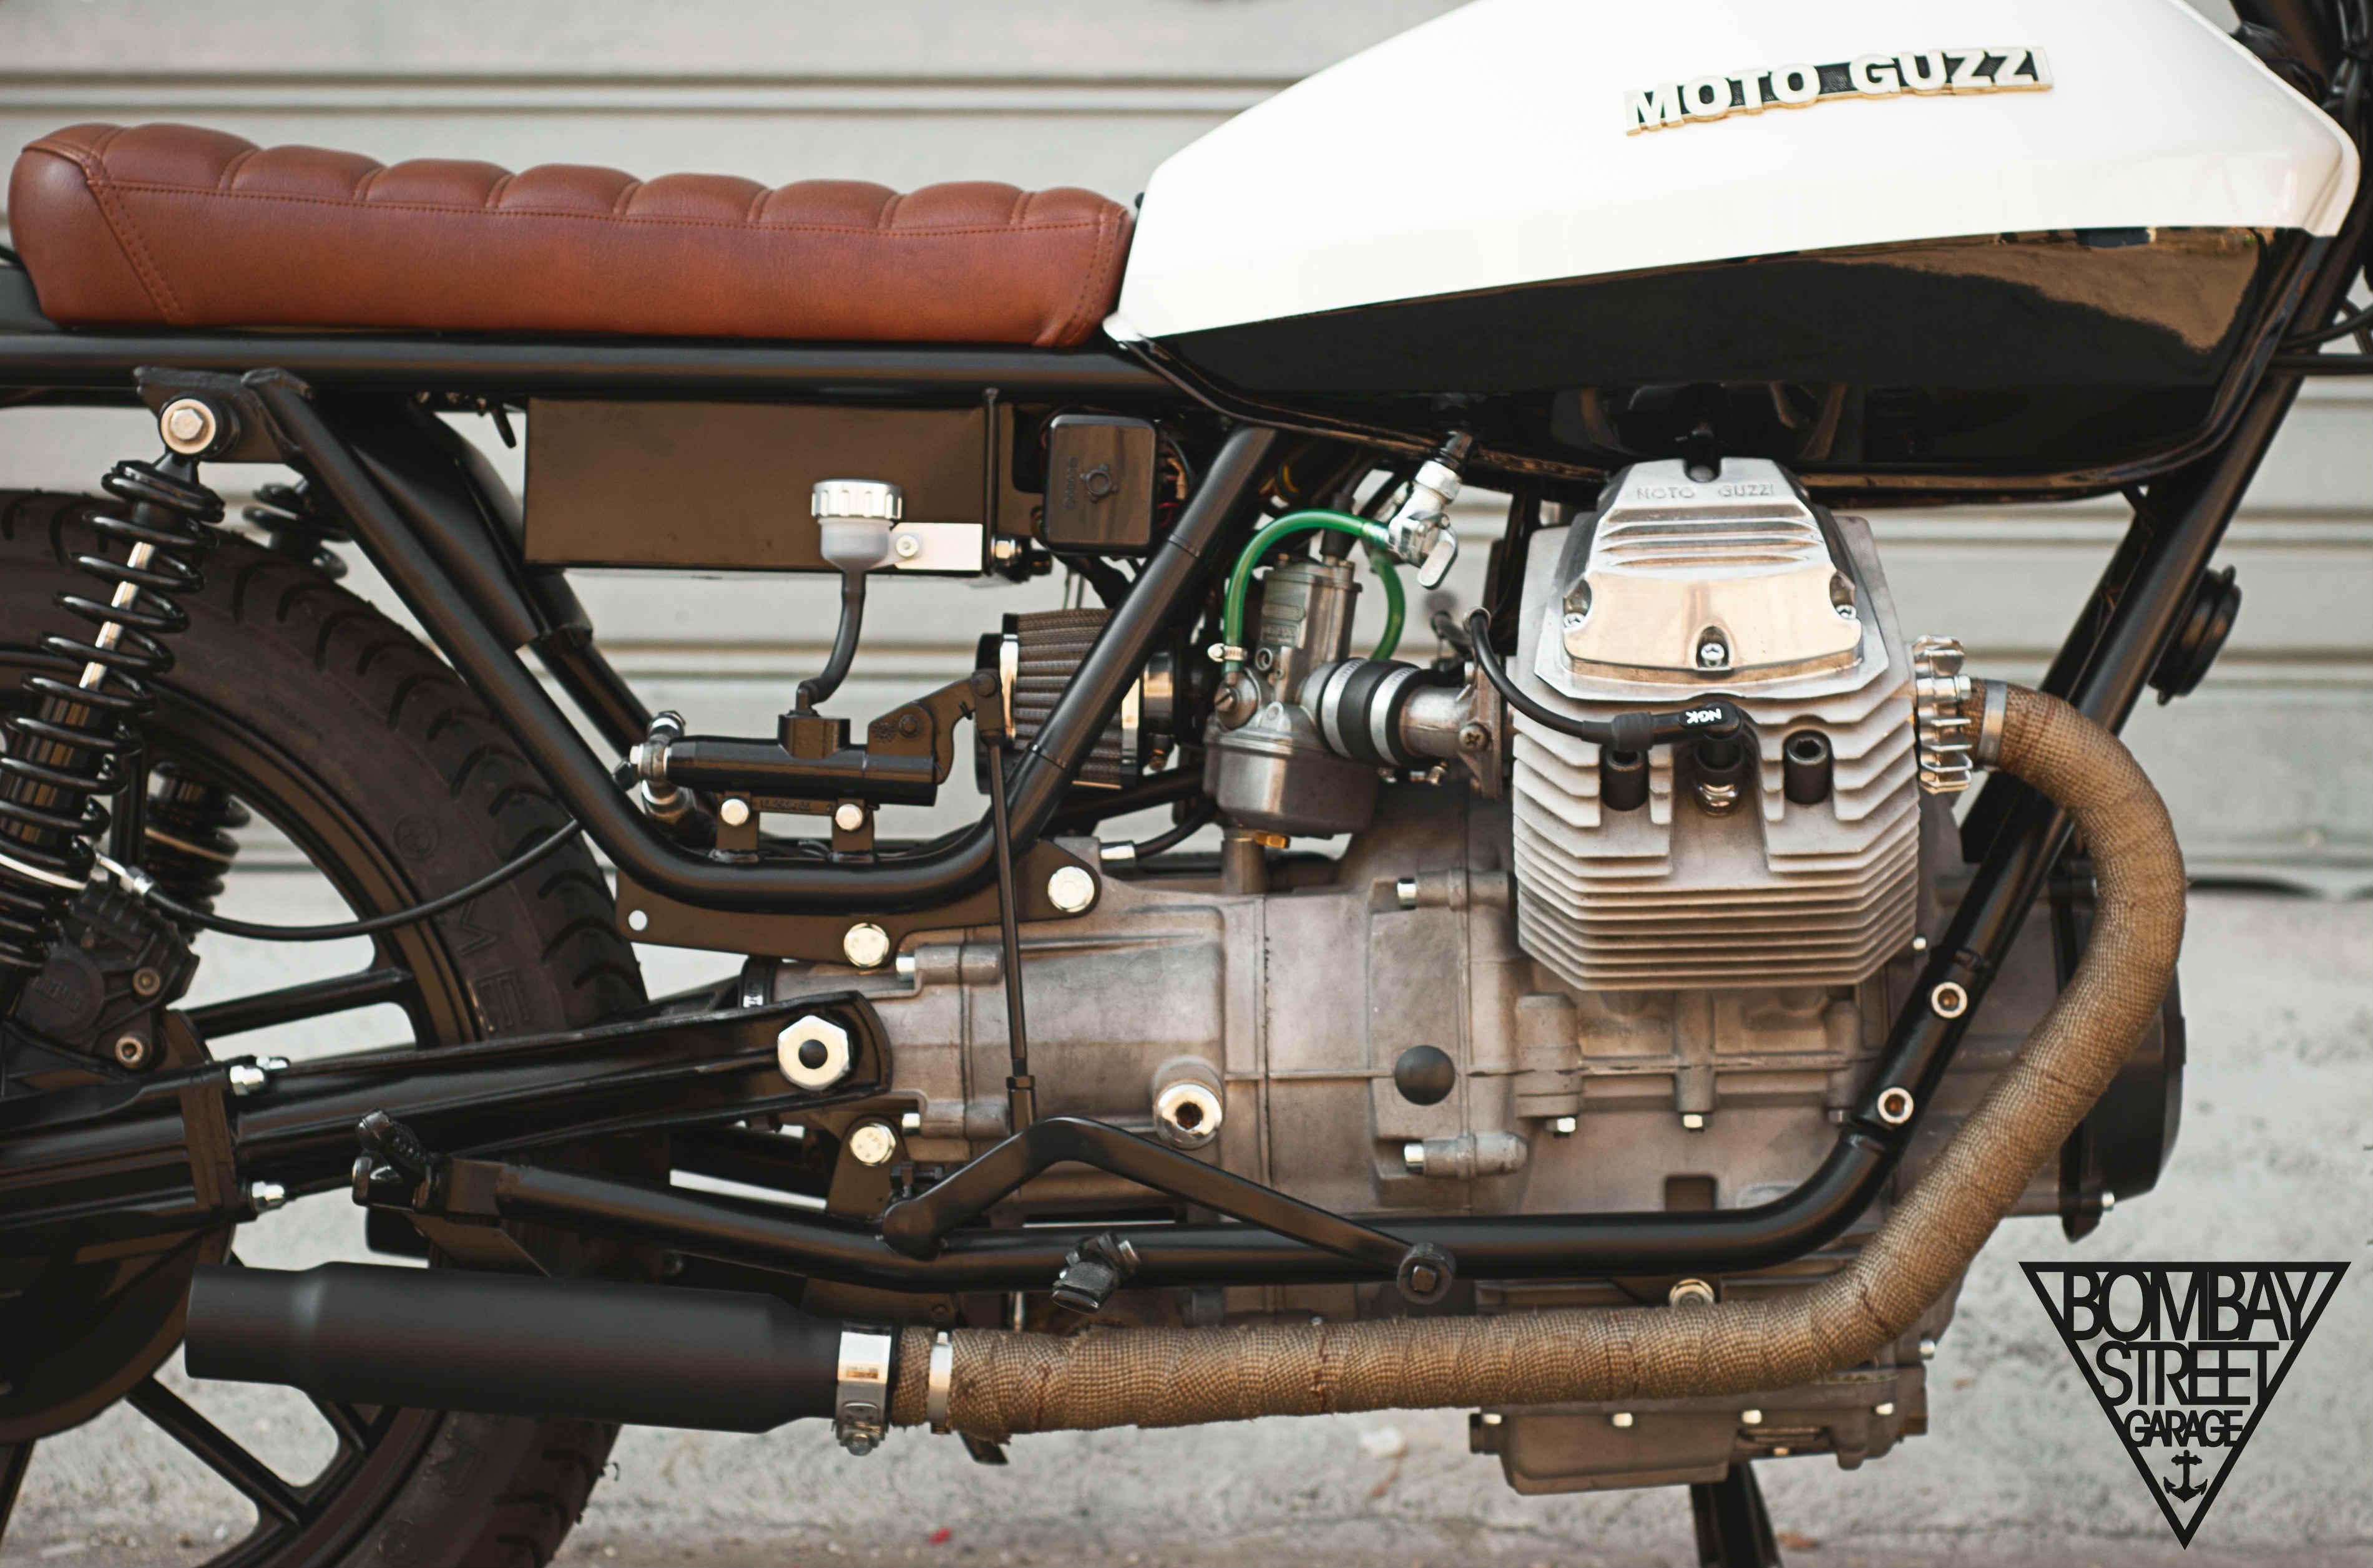 Moto Guzzi V35 Bombay Garage 5